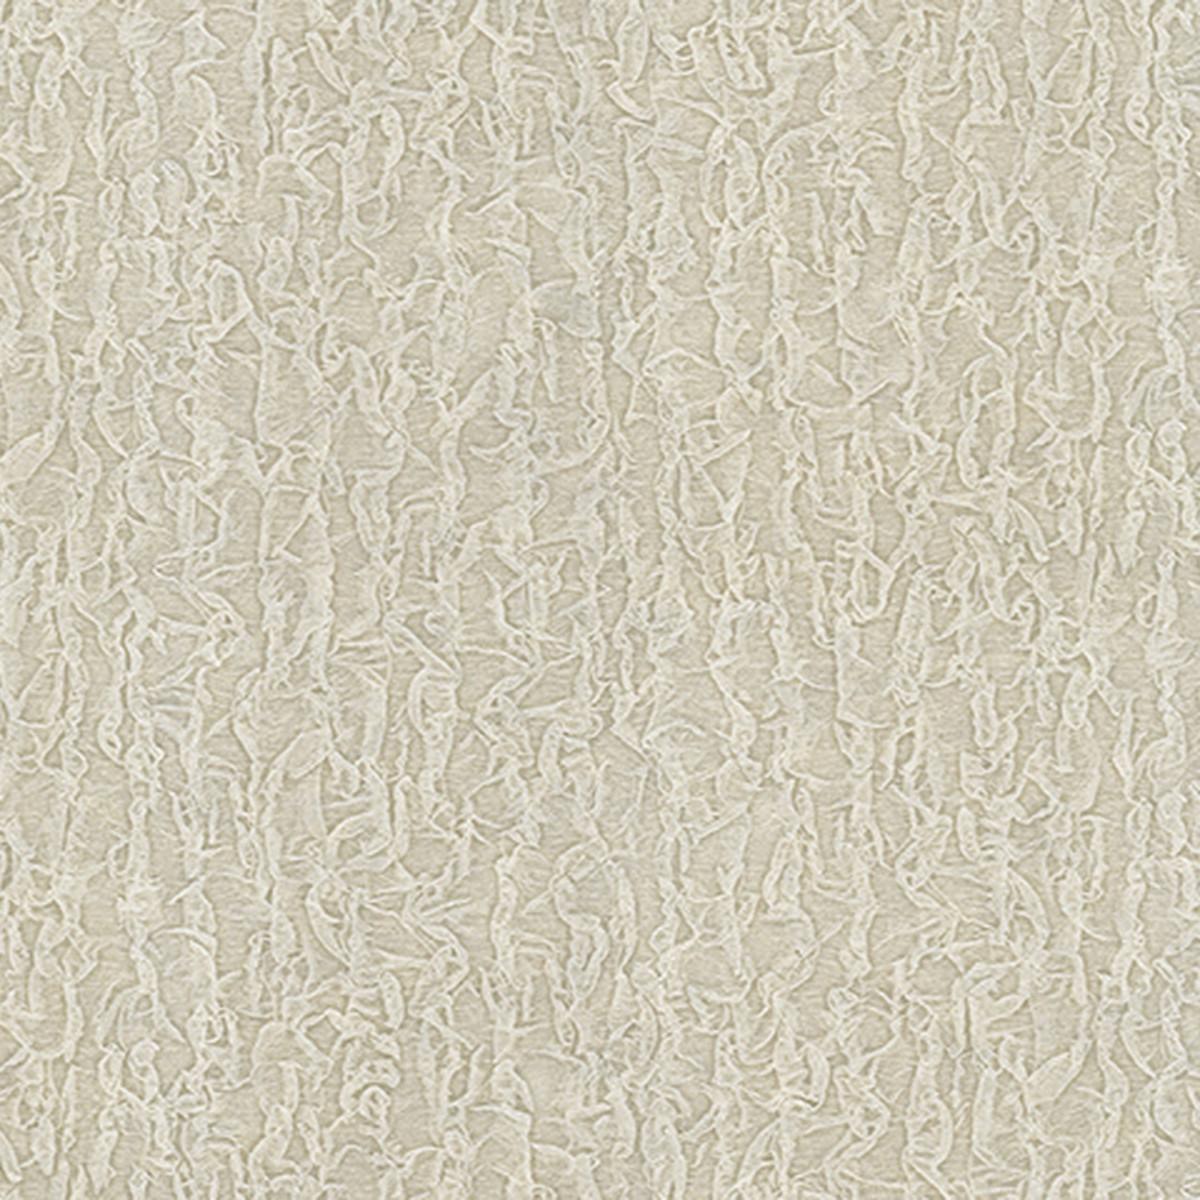 Обои флизелиновые С.Л.Г. серые 1.06 м 2-0370